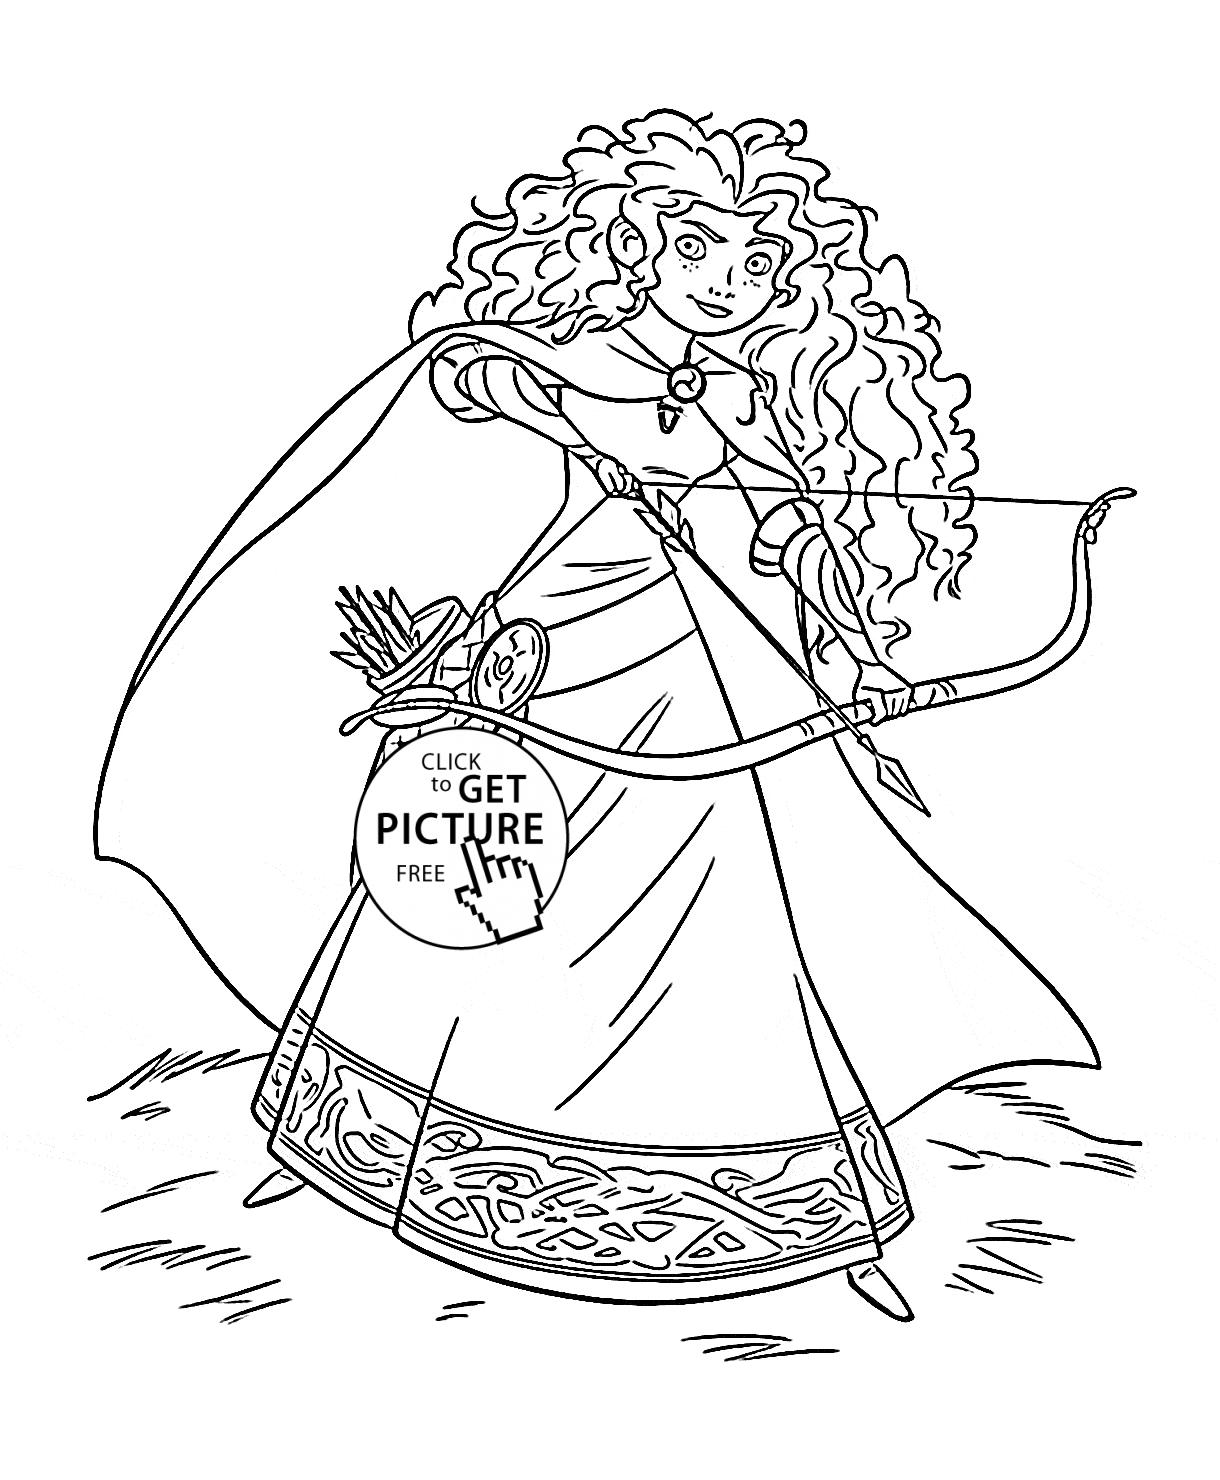 1220x1480 Disney Princess Coloring Pages Merida Free Free Coloring Sheets